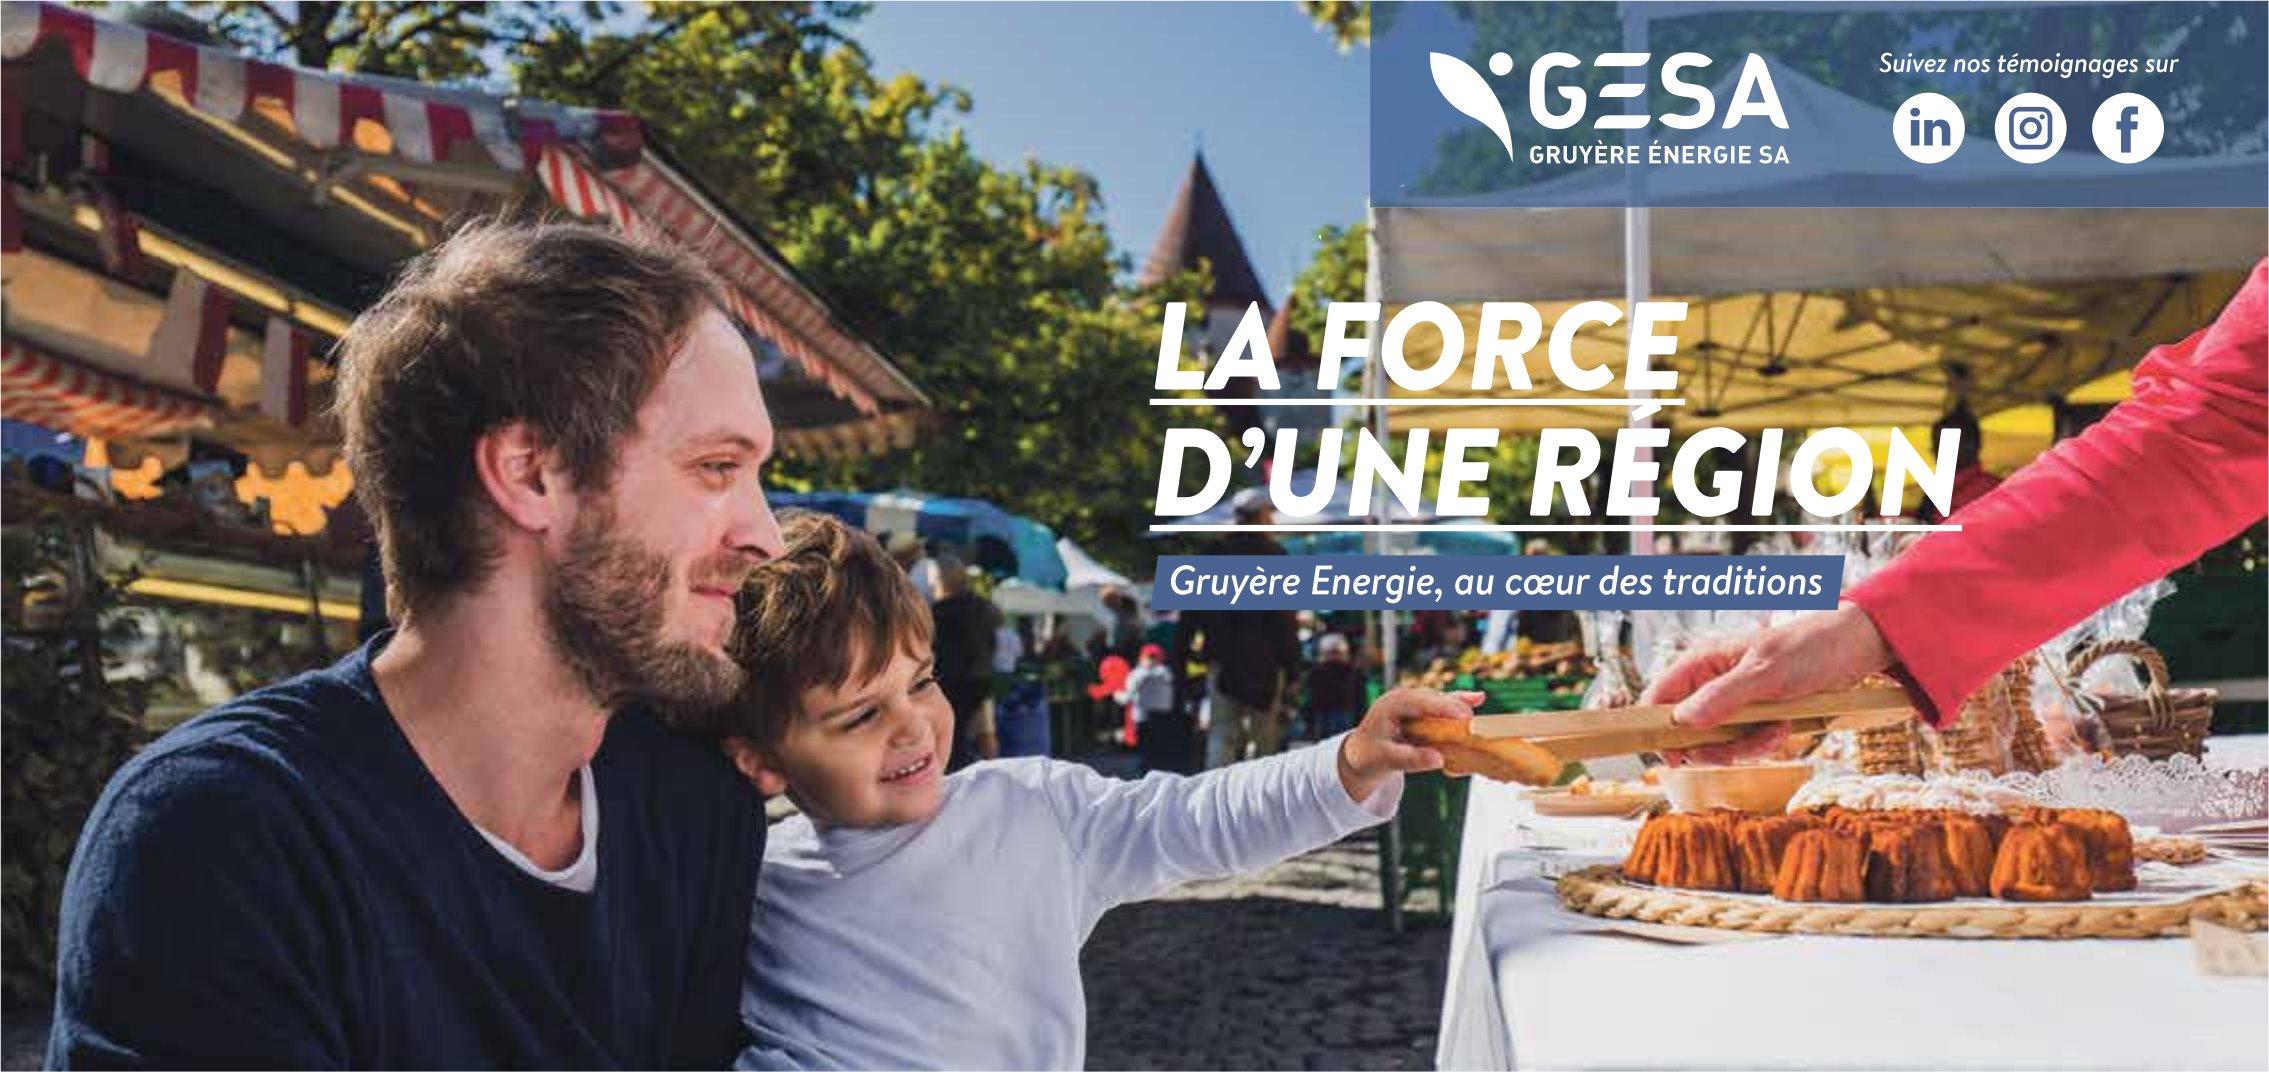 GESA GRUYÈRE SA - LA FORCE D'UNE RÉGION